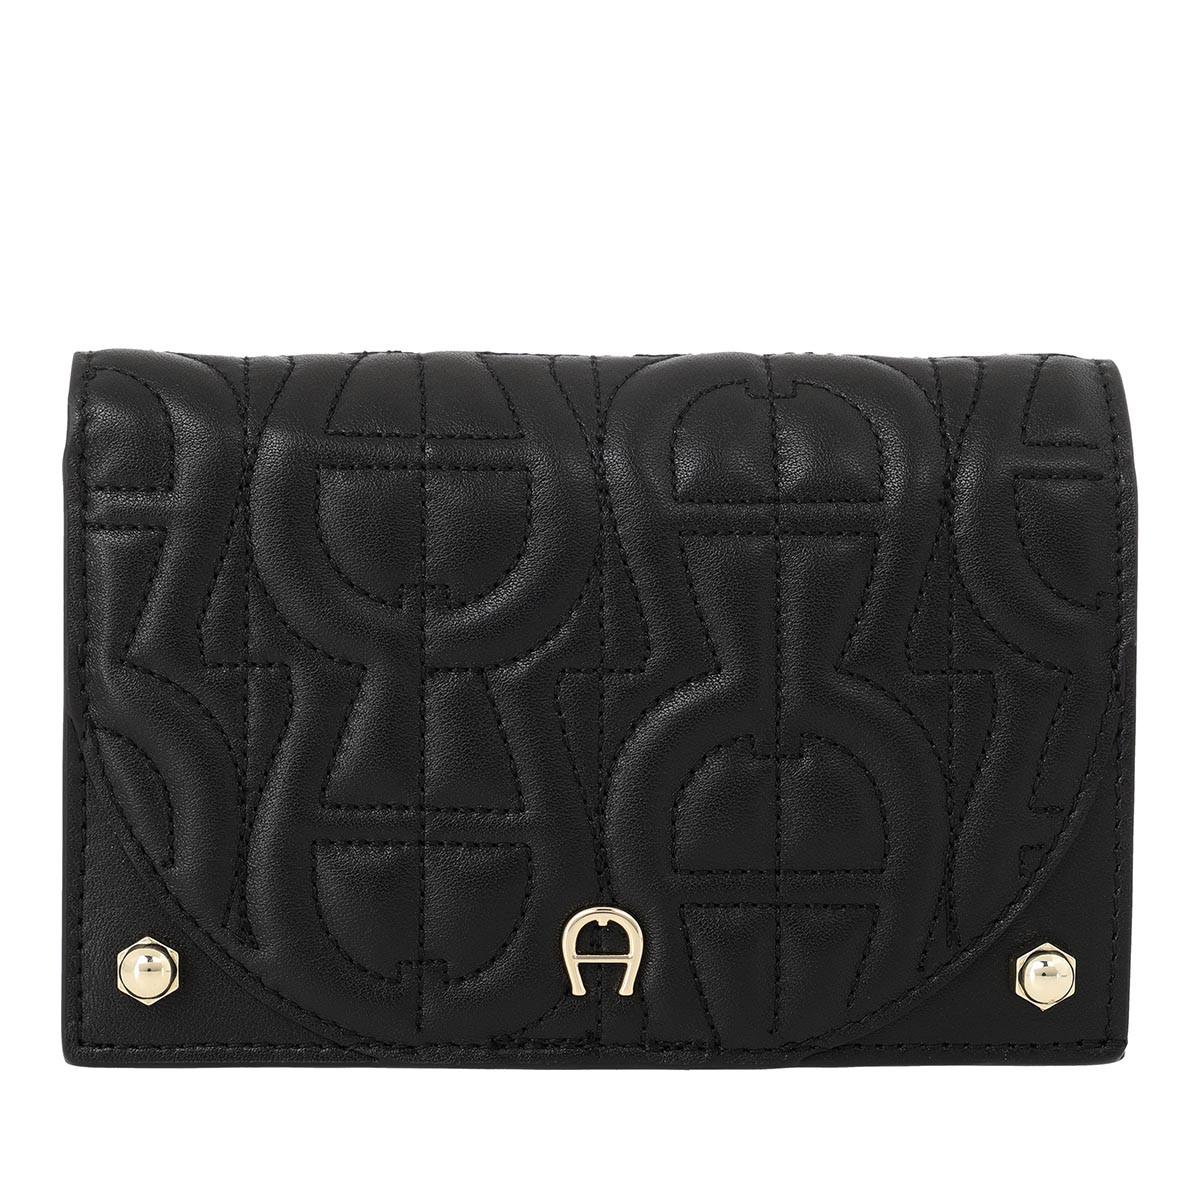 Aigner Portemonnaie - Diadora Wallet Black - in schwarz - für Damen